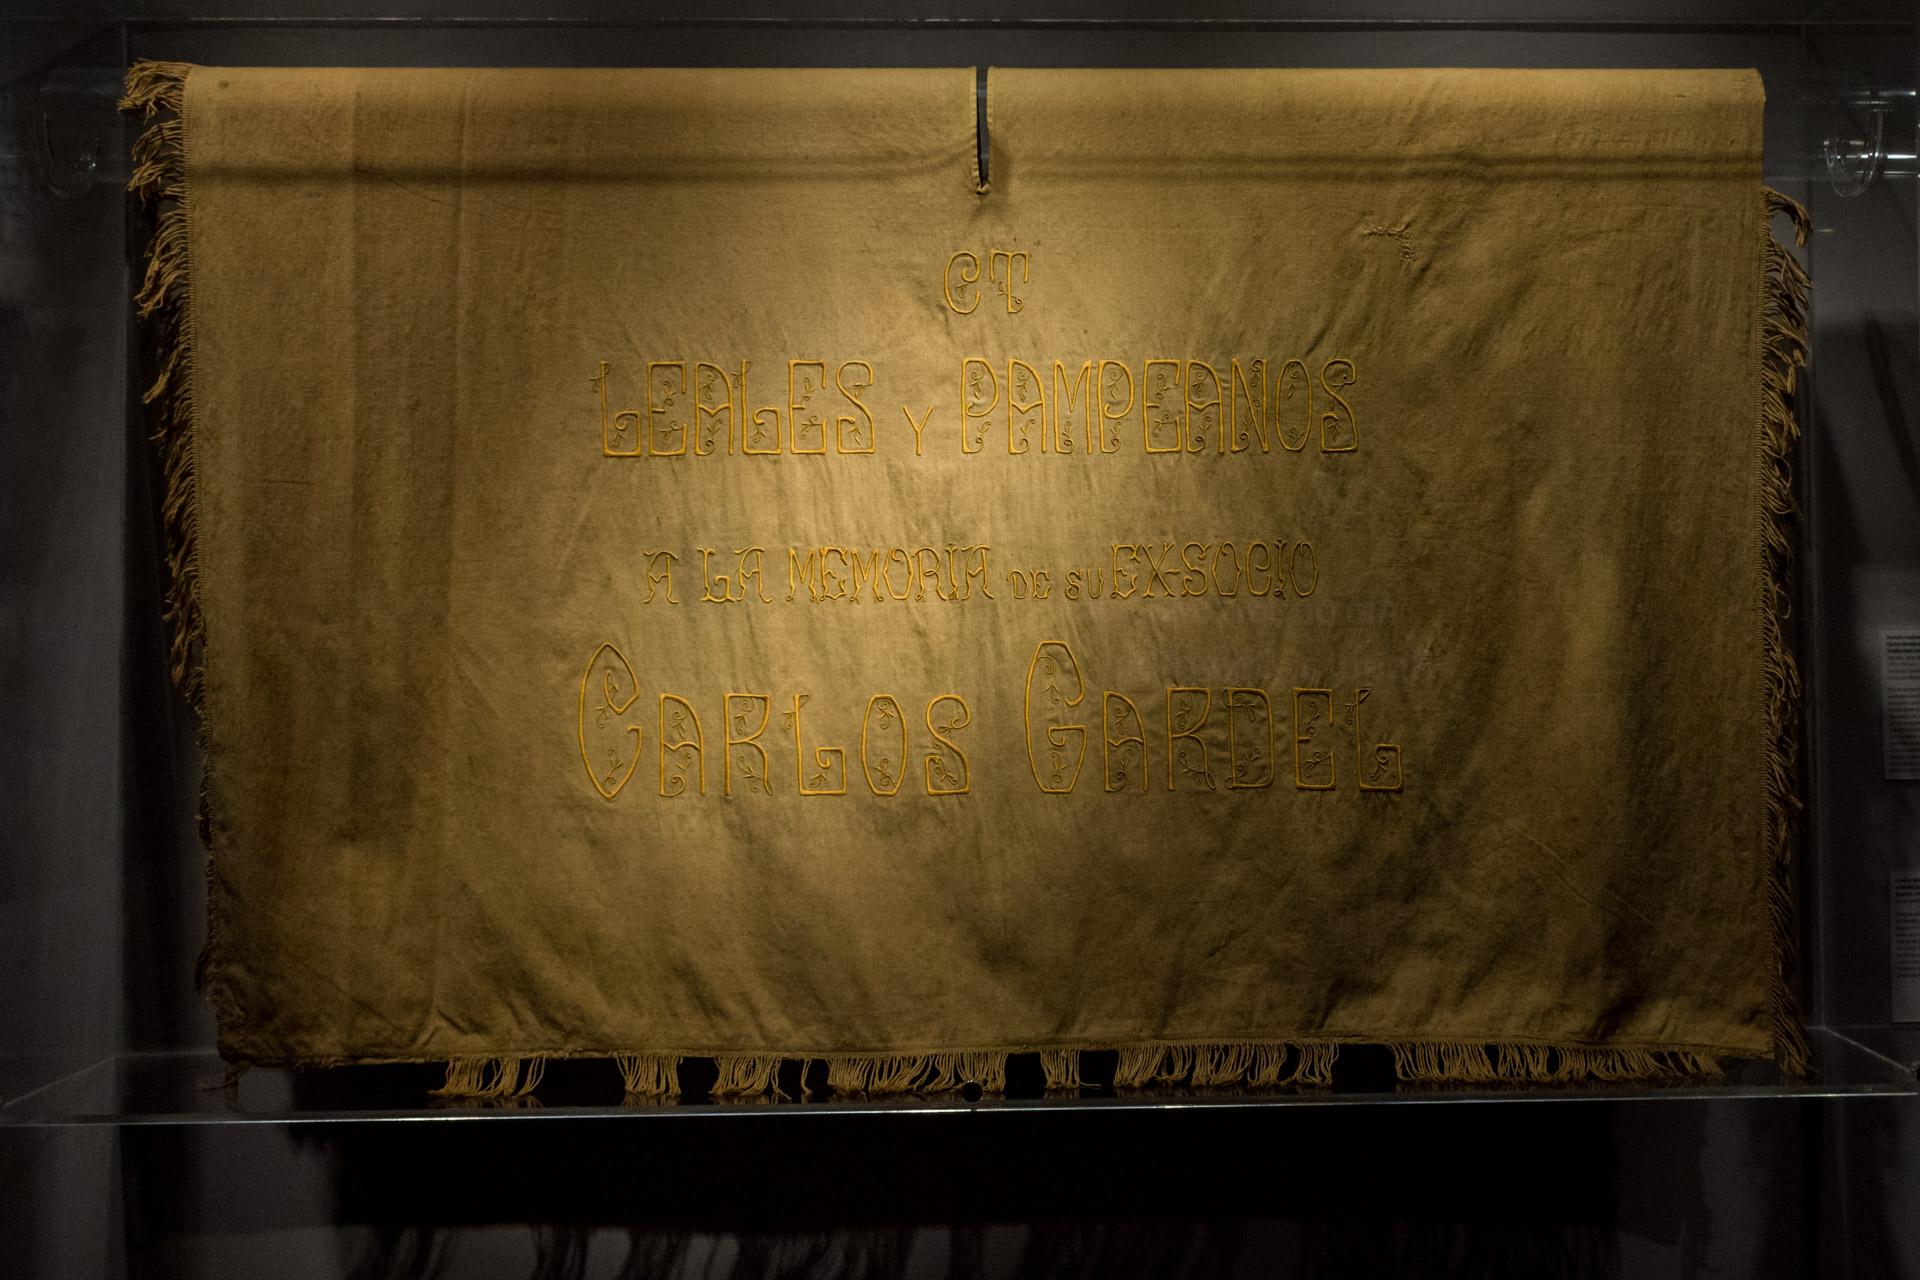 """Cuando murió Carlos Gardel los """"Leales Pampeanos"""" entregaron al cortejo fúnebre poncho para recordarlo. (Martín Rosenzveig)"""